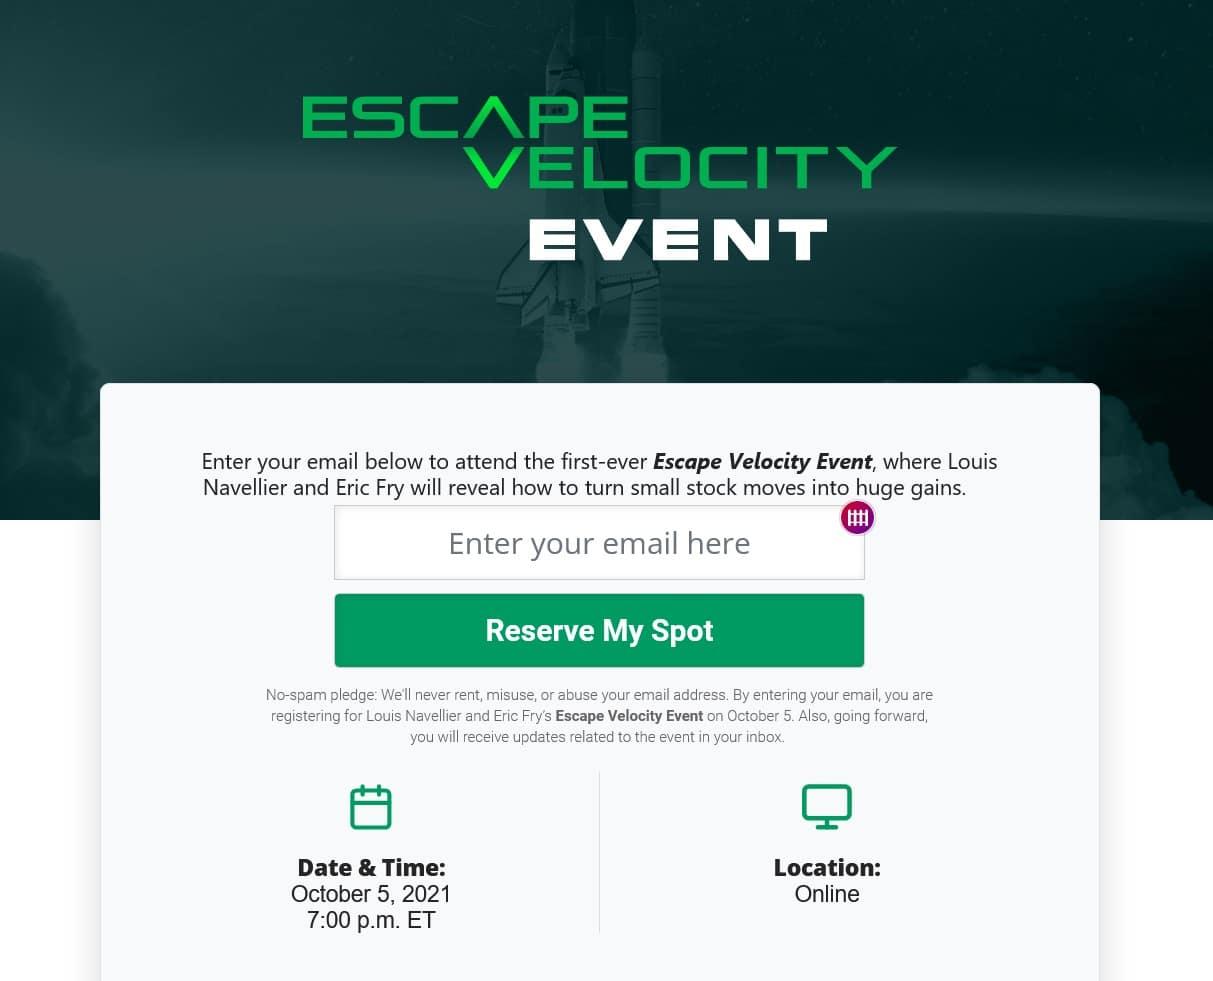 The Escape Velocity Event